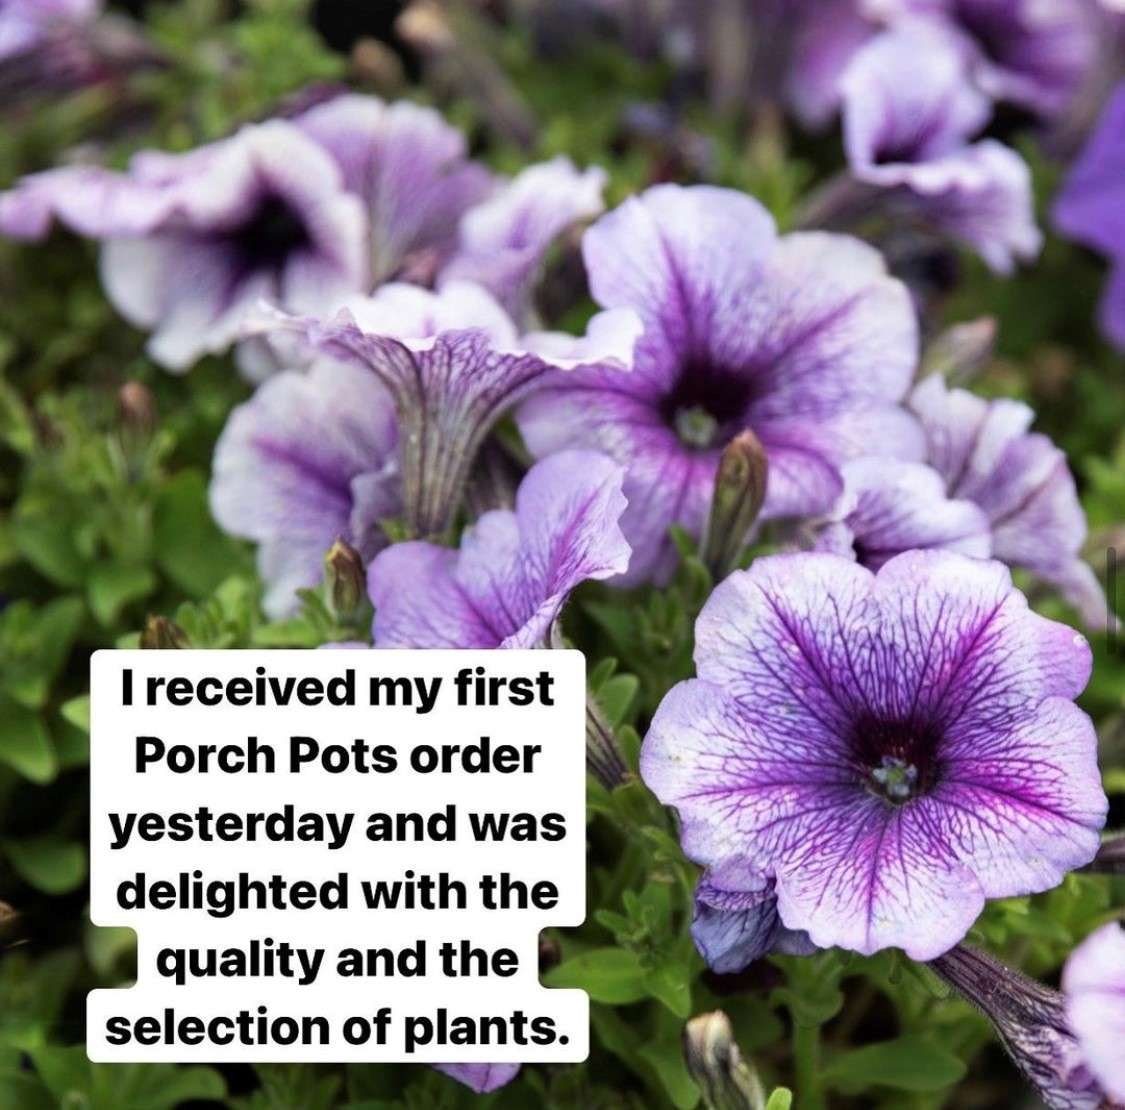 Purple petunias with customer testimonial.